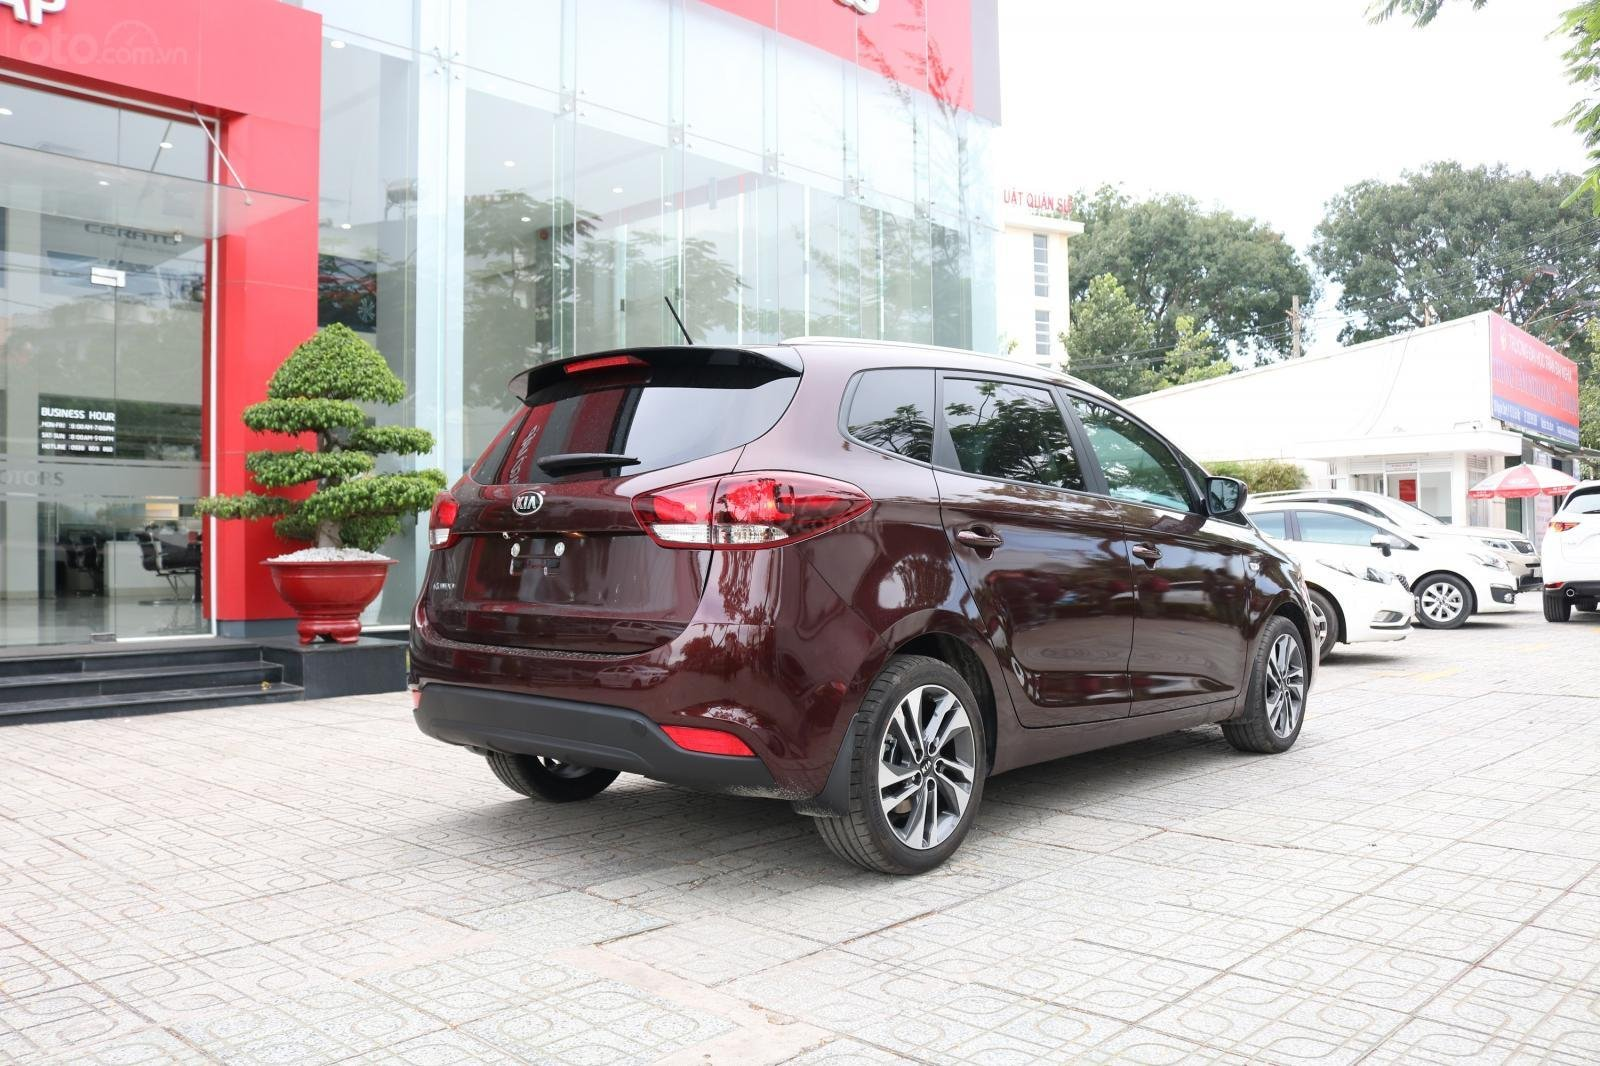 Kia Rondo sx 2019, số sàn, giá 585tr, xe đủ màu, Giao xe liền. Giá tốt nhất Huyện Củ Chi, Hóc Môn (5)